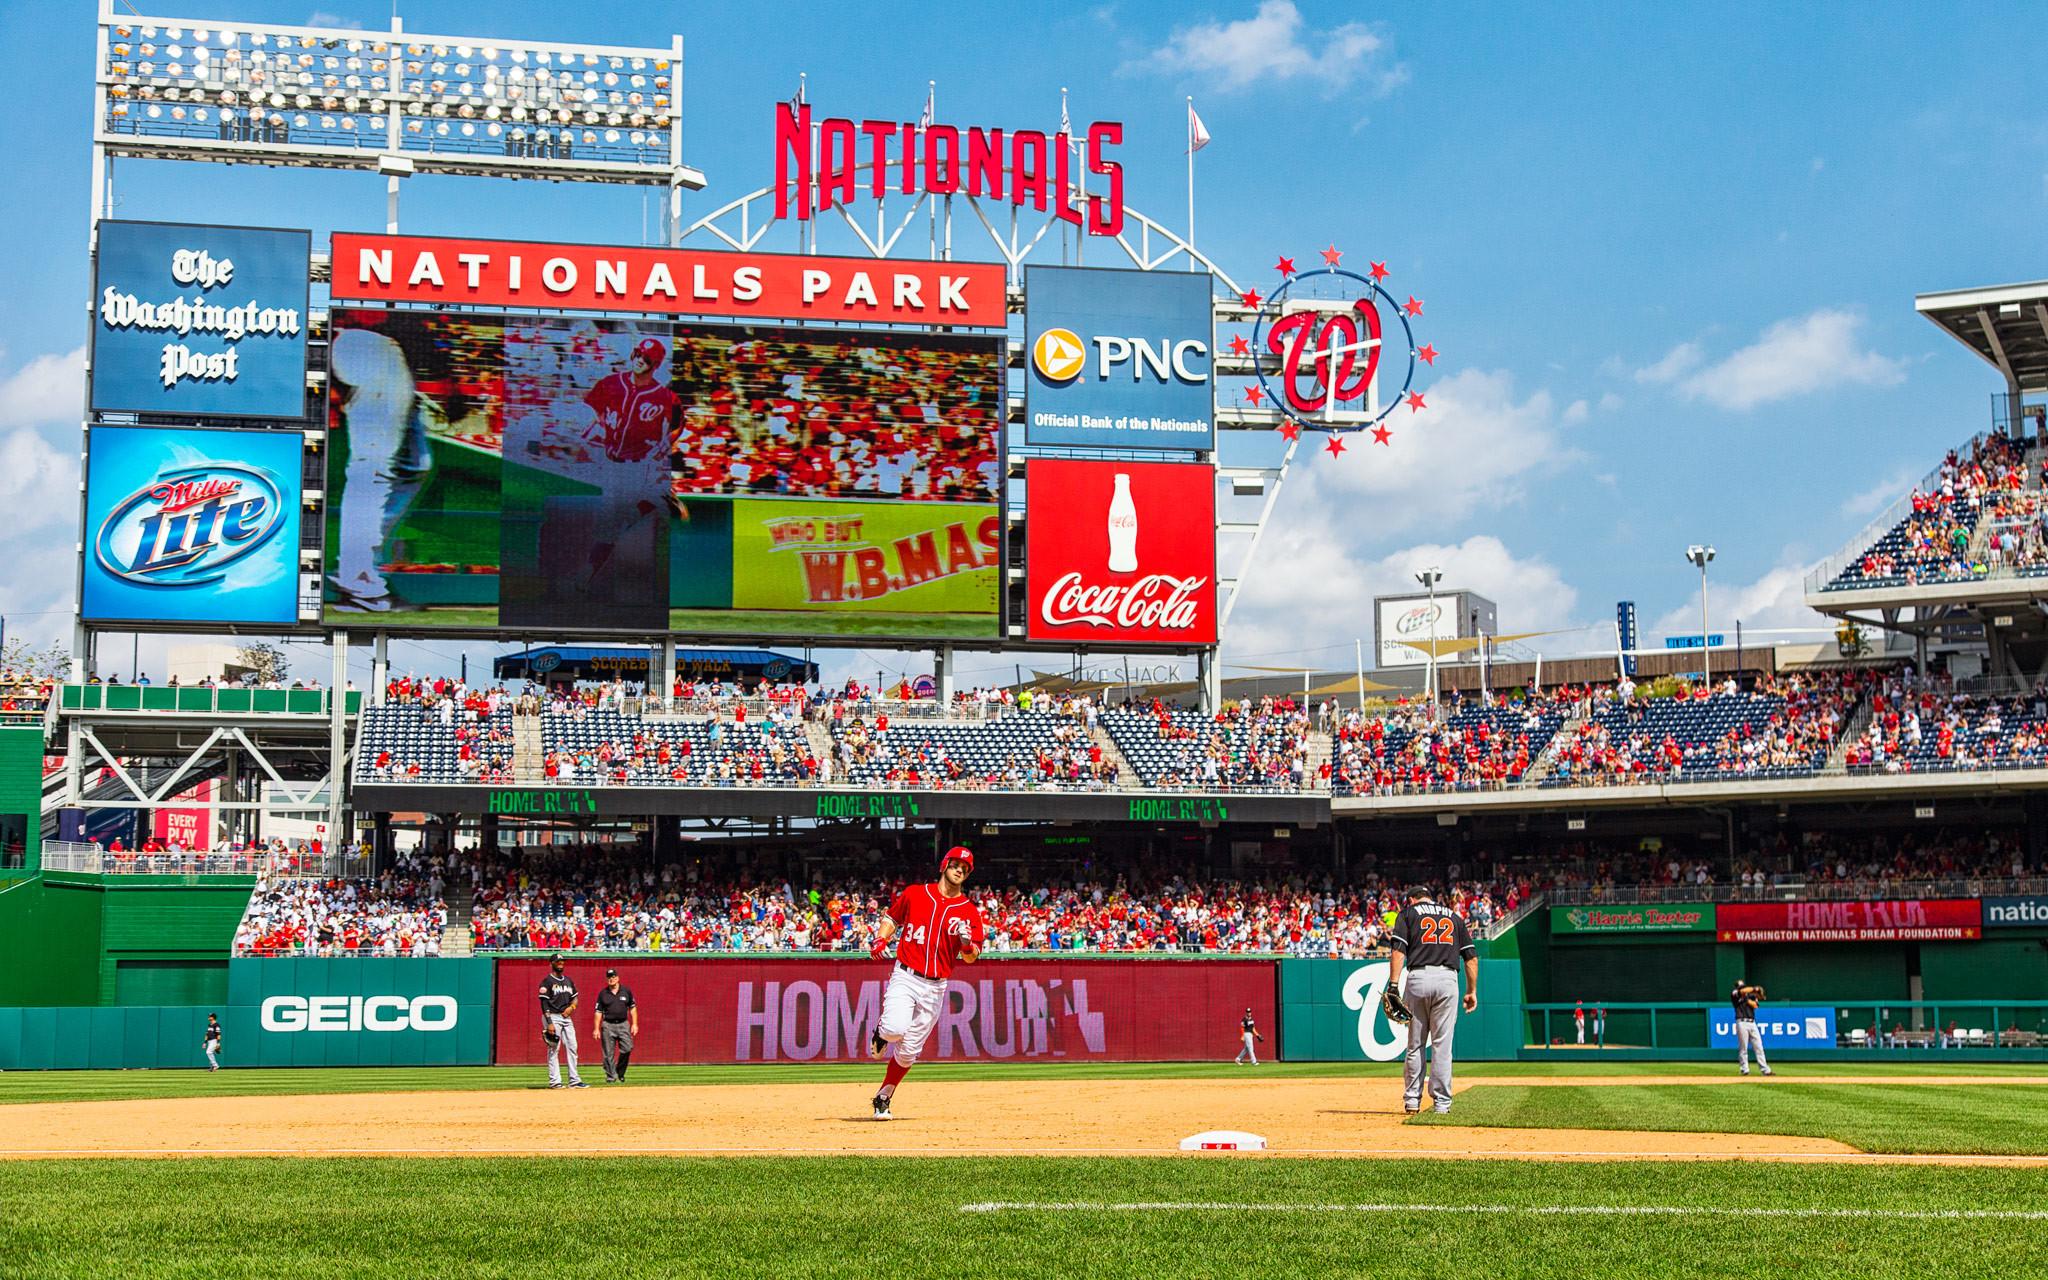 WASHINGTON NATIONALS mlb baseball (2) wallpaper | | 229447 .